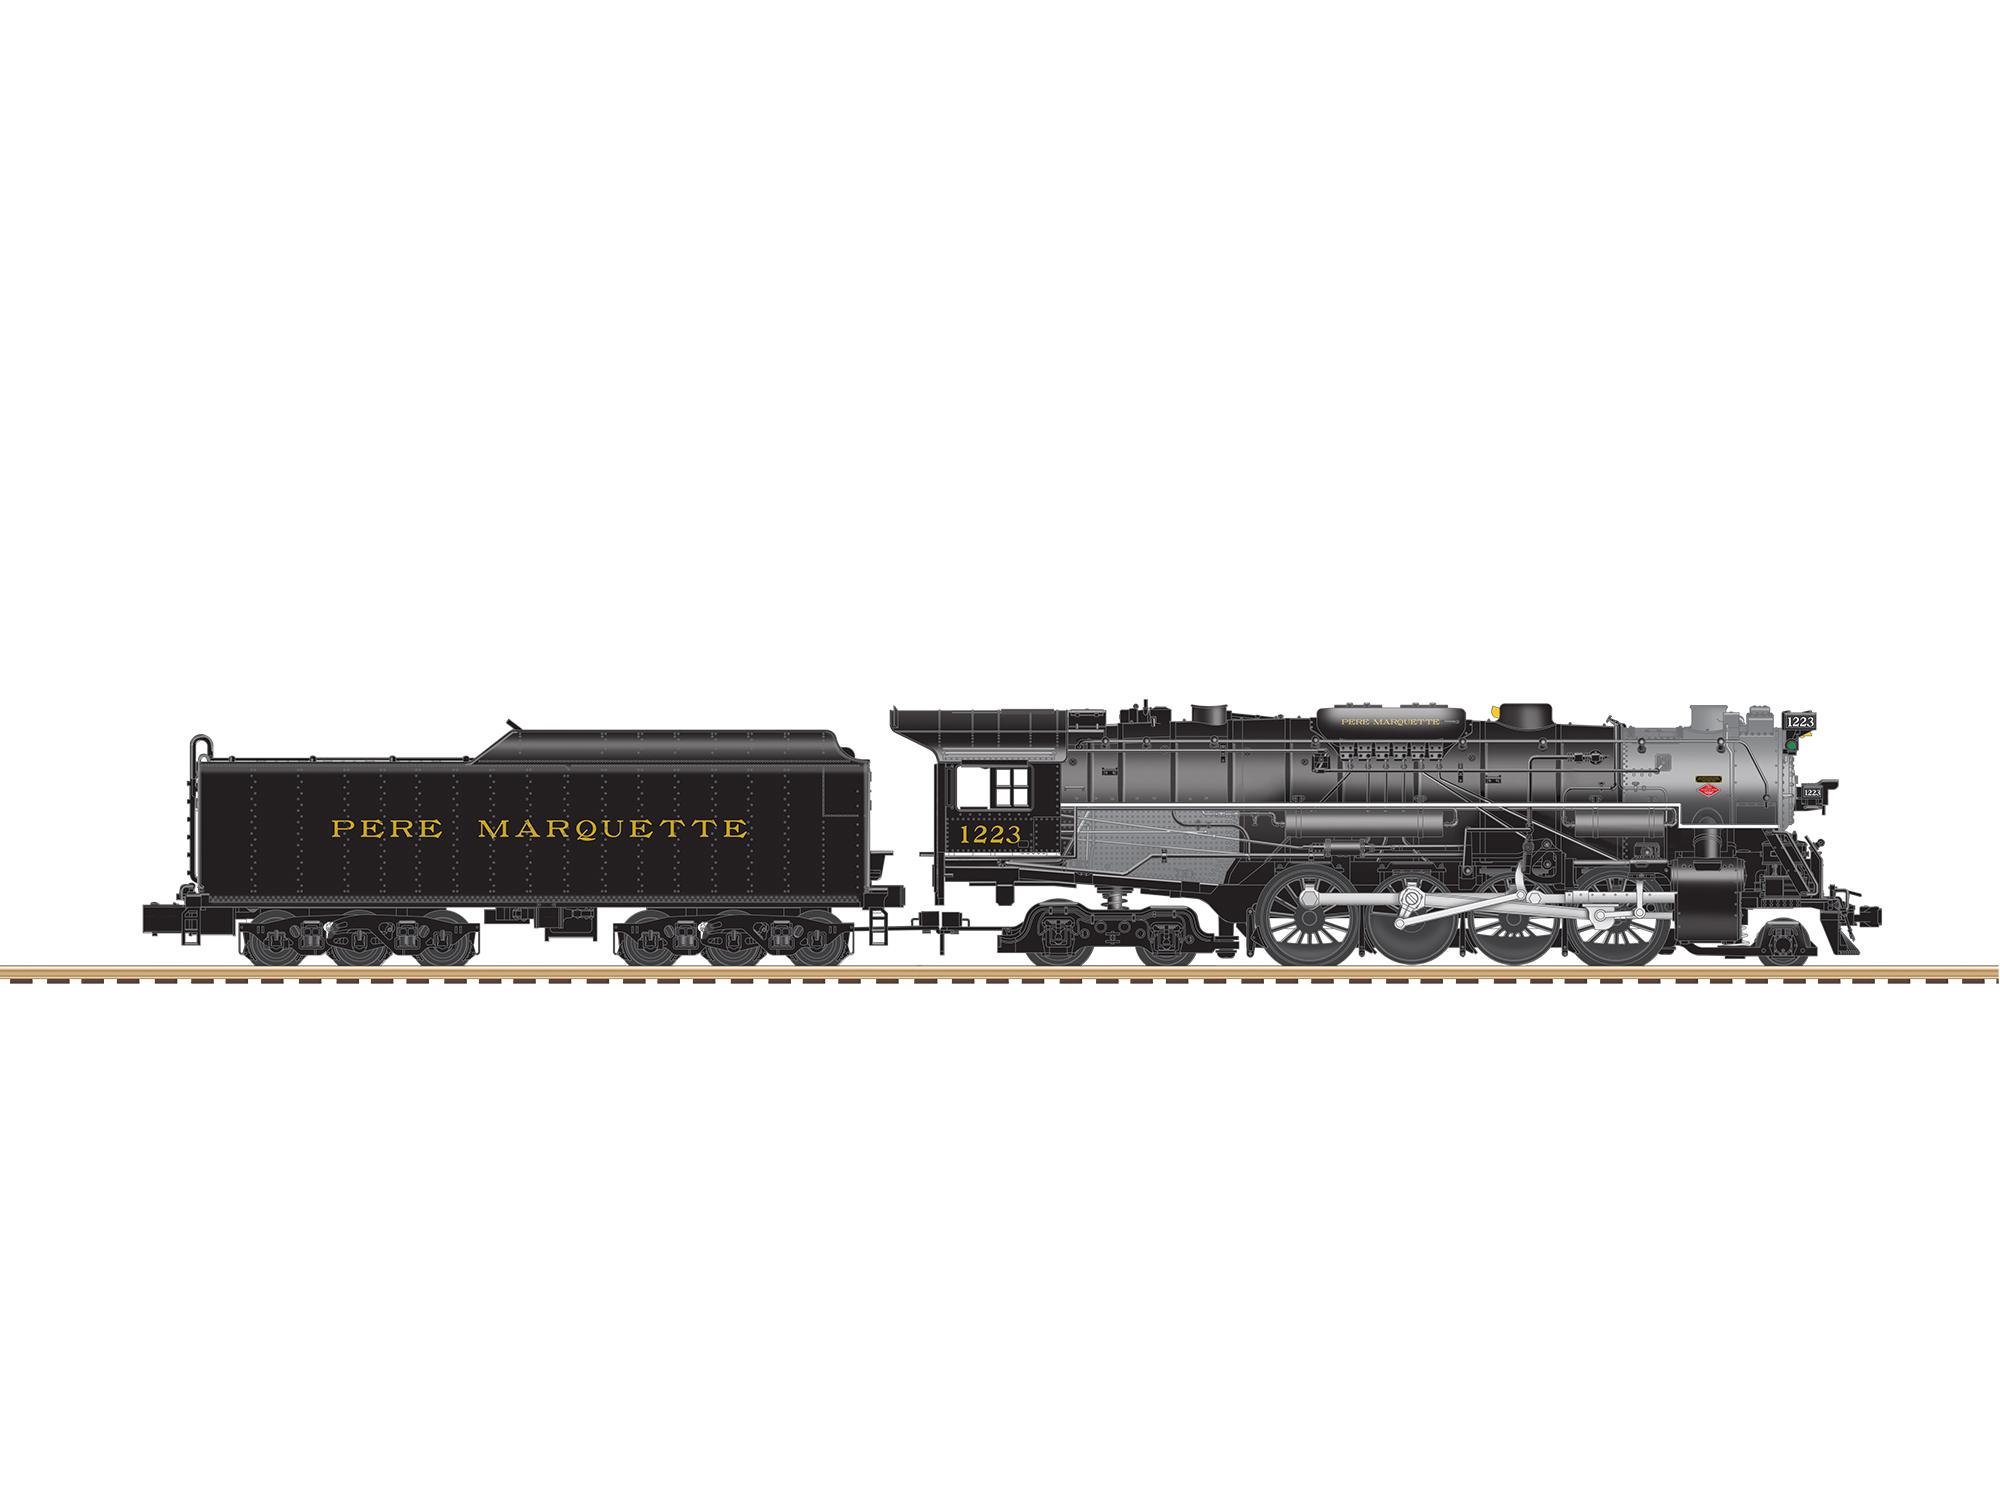 pere marquette locomotive wallpaper 2000x1500